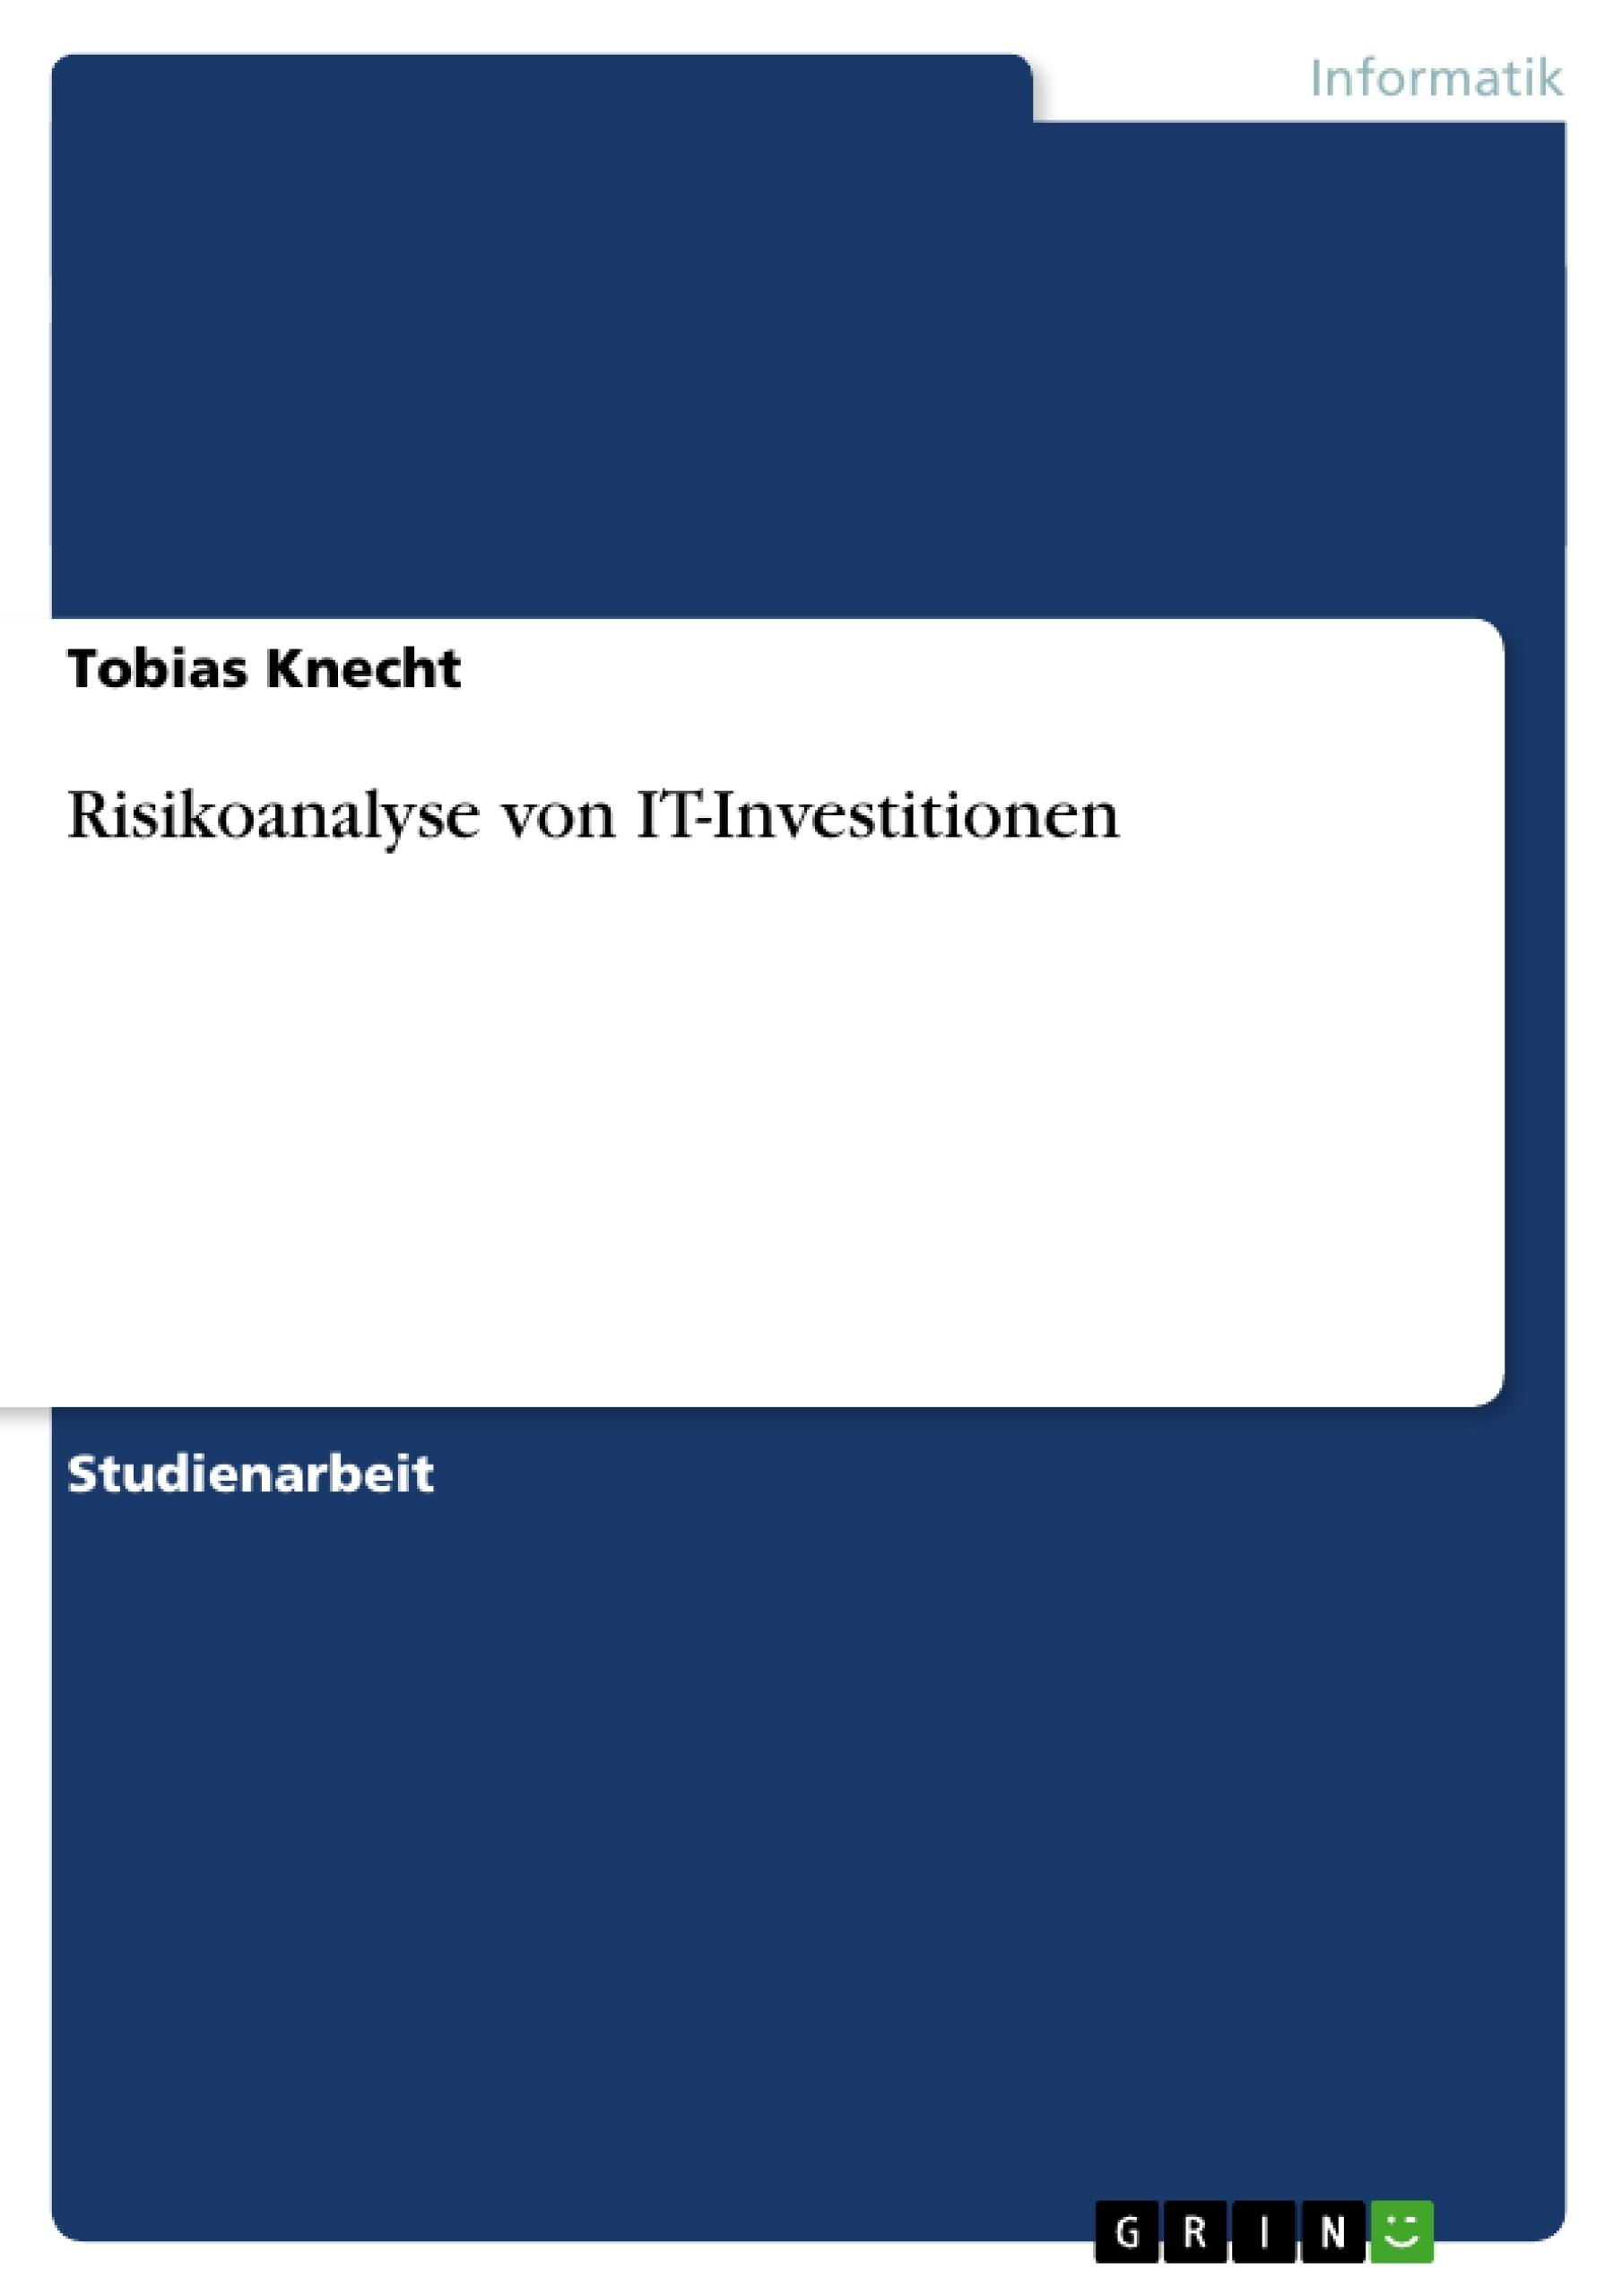 Titel: Risikoanalyse von IT-Investitionen